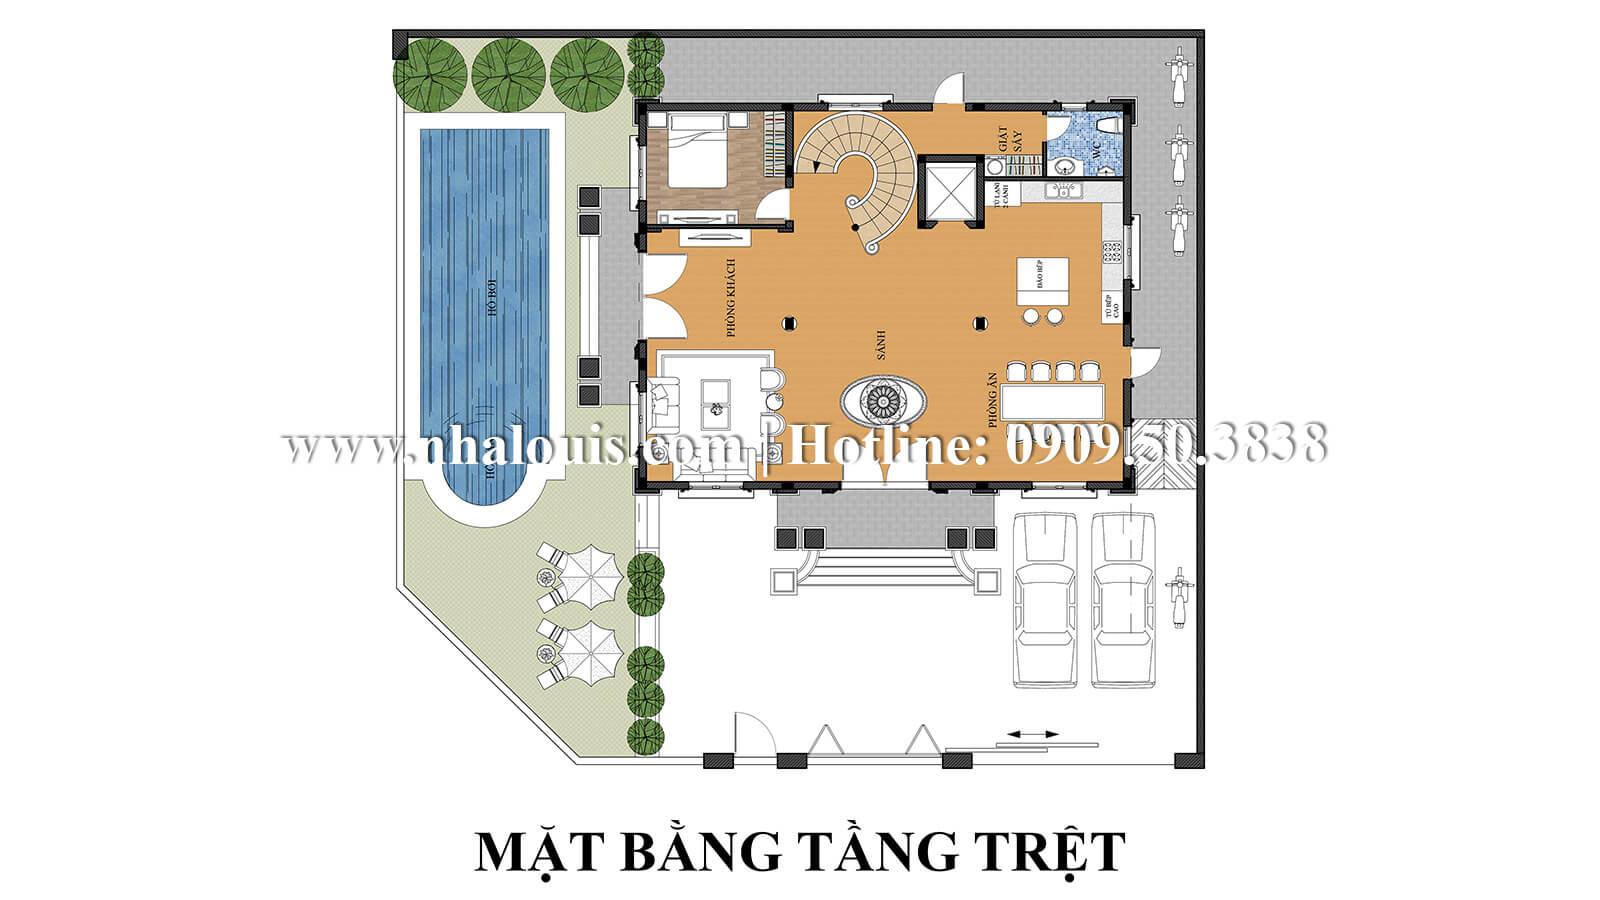 Mặt bằng tầng trệt thiết kế biệt thự kiểu pháp 4 tầng tuyệt đẹp tại quận 9